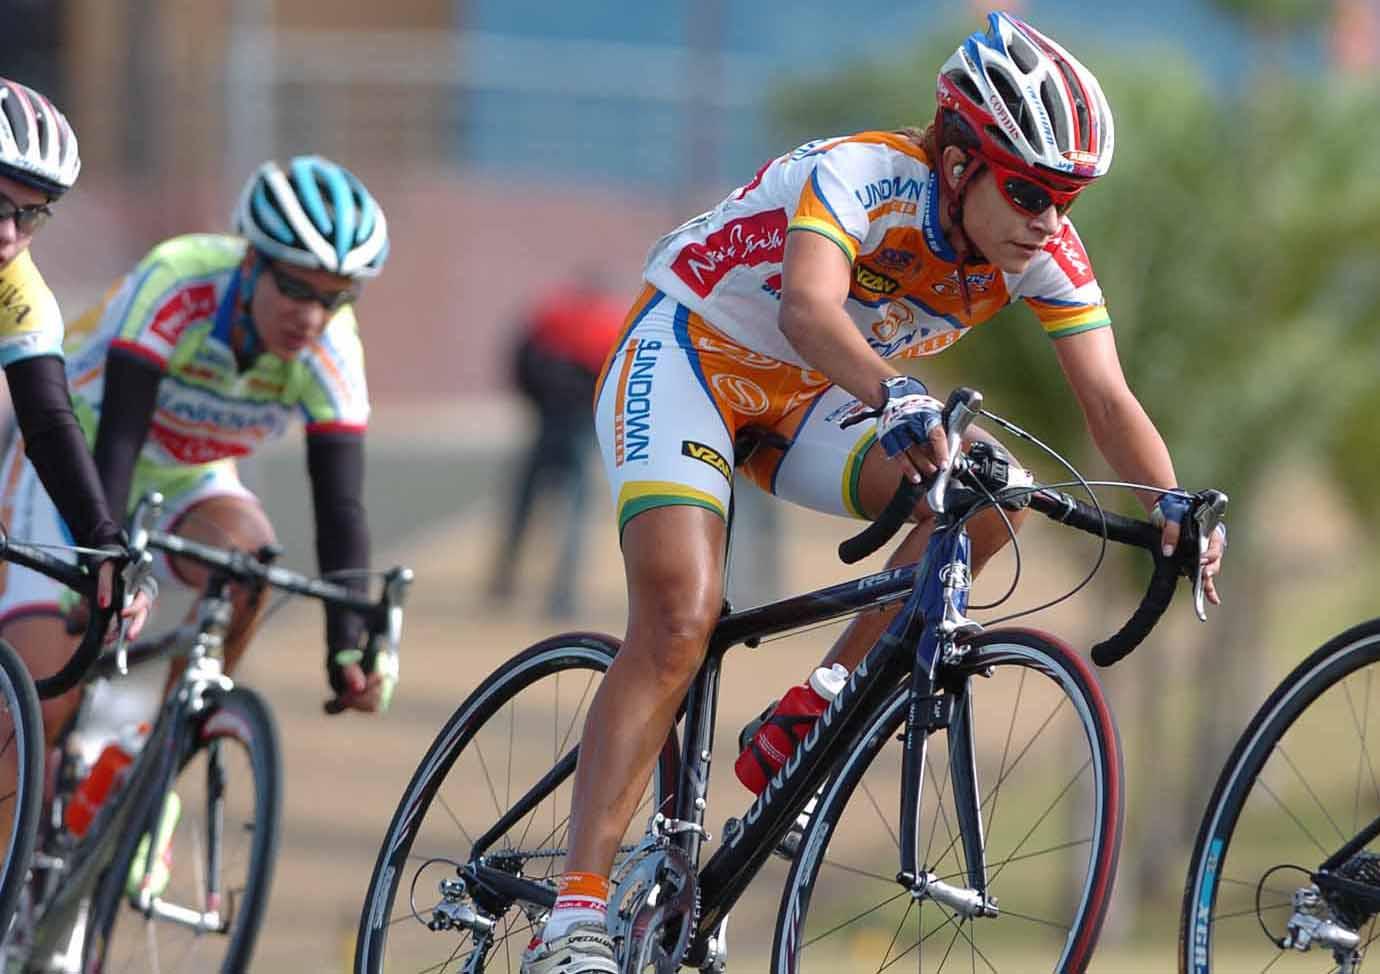 El ciclismo, una actividad ideal para todos -